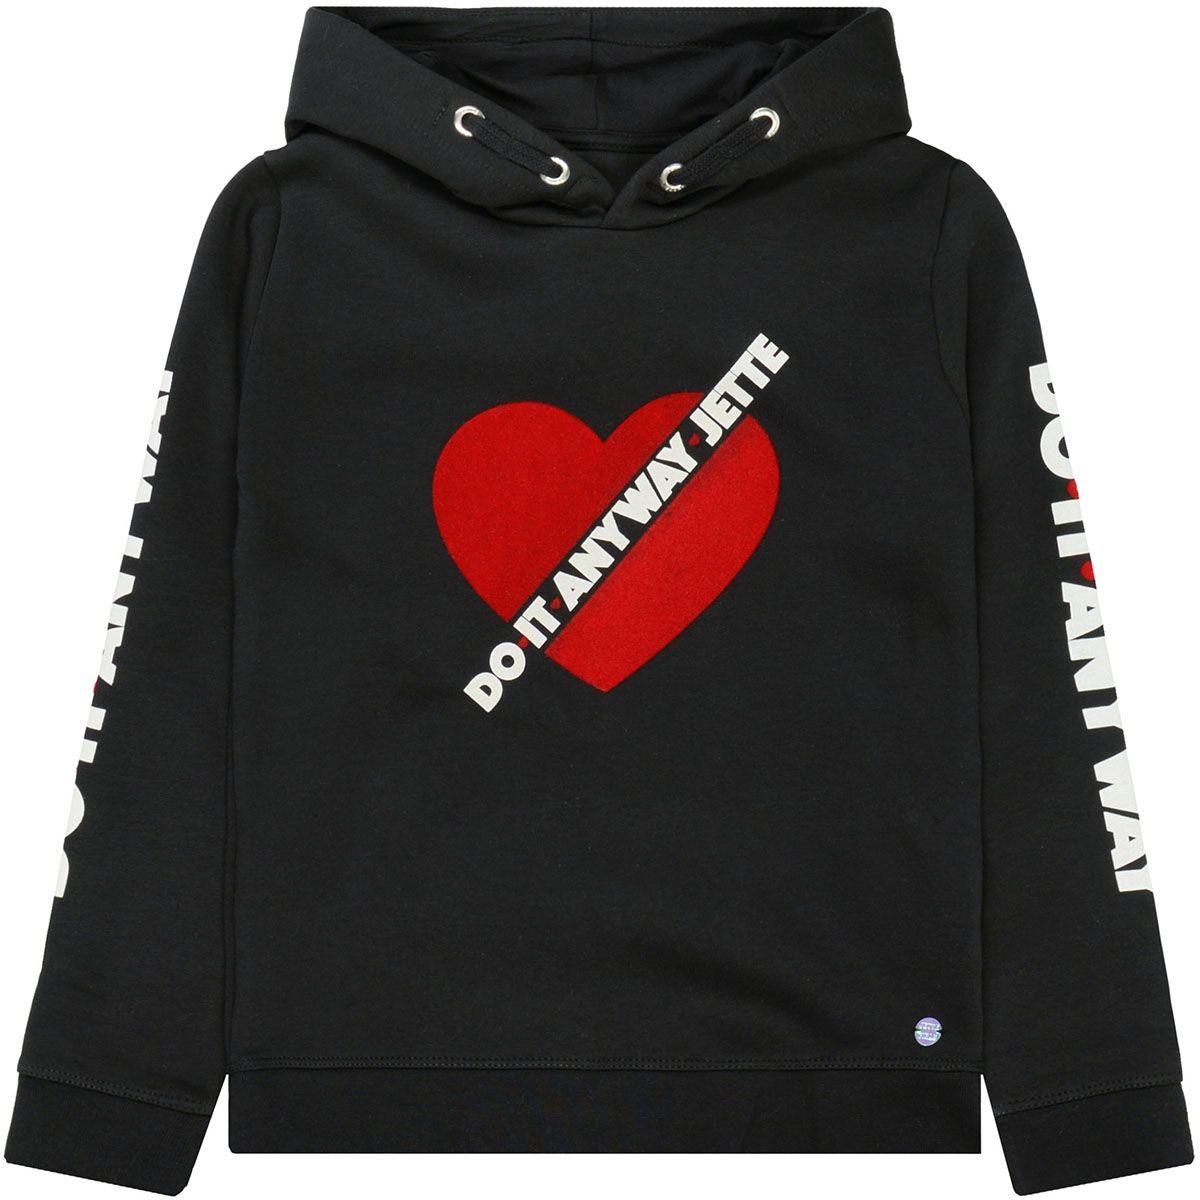 JETTE Kapuzen-Sweatshirt mit Samt-Herz - Black